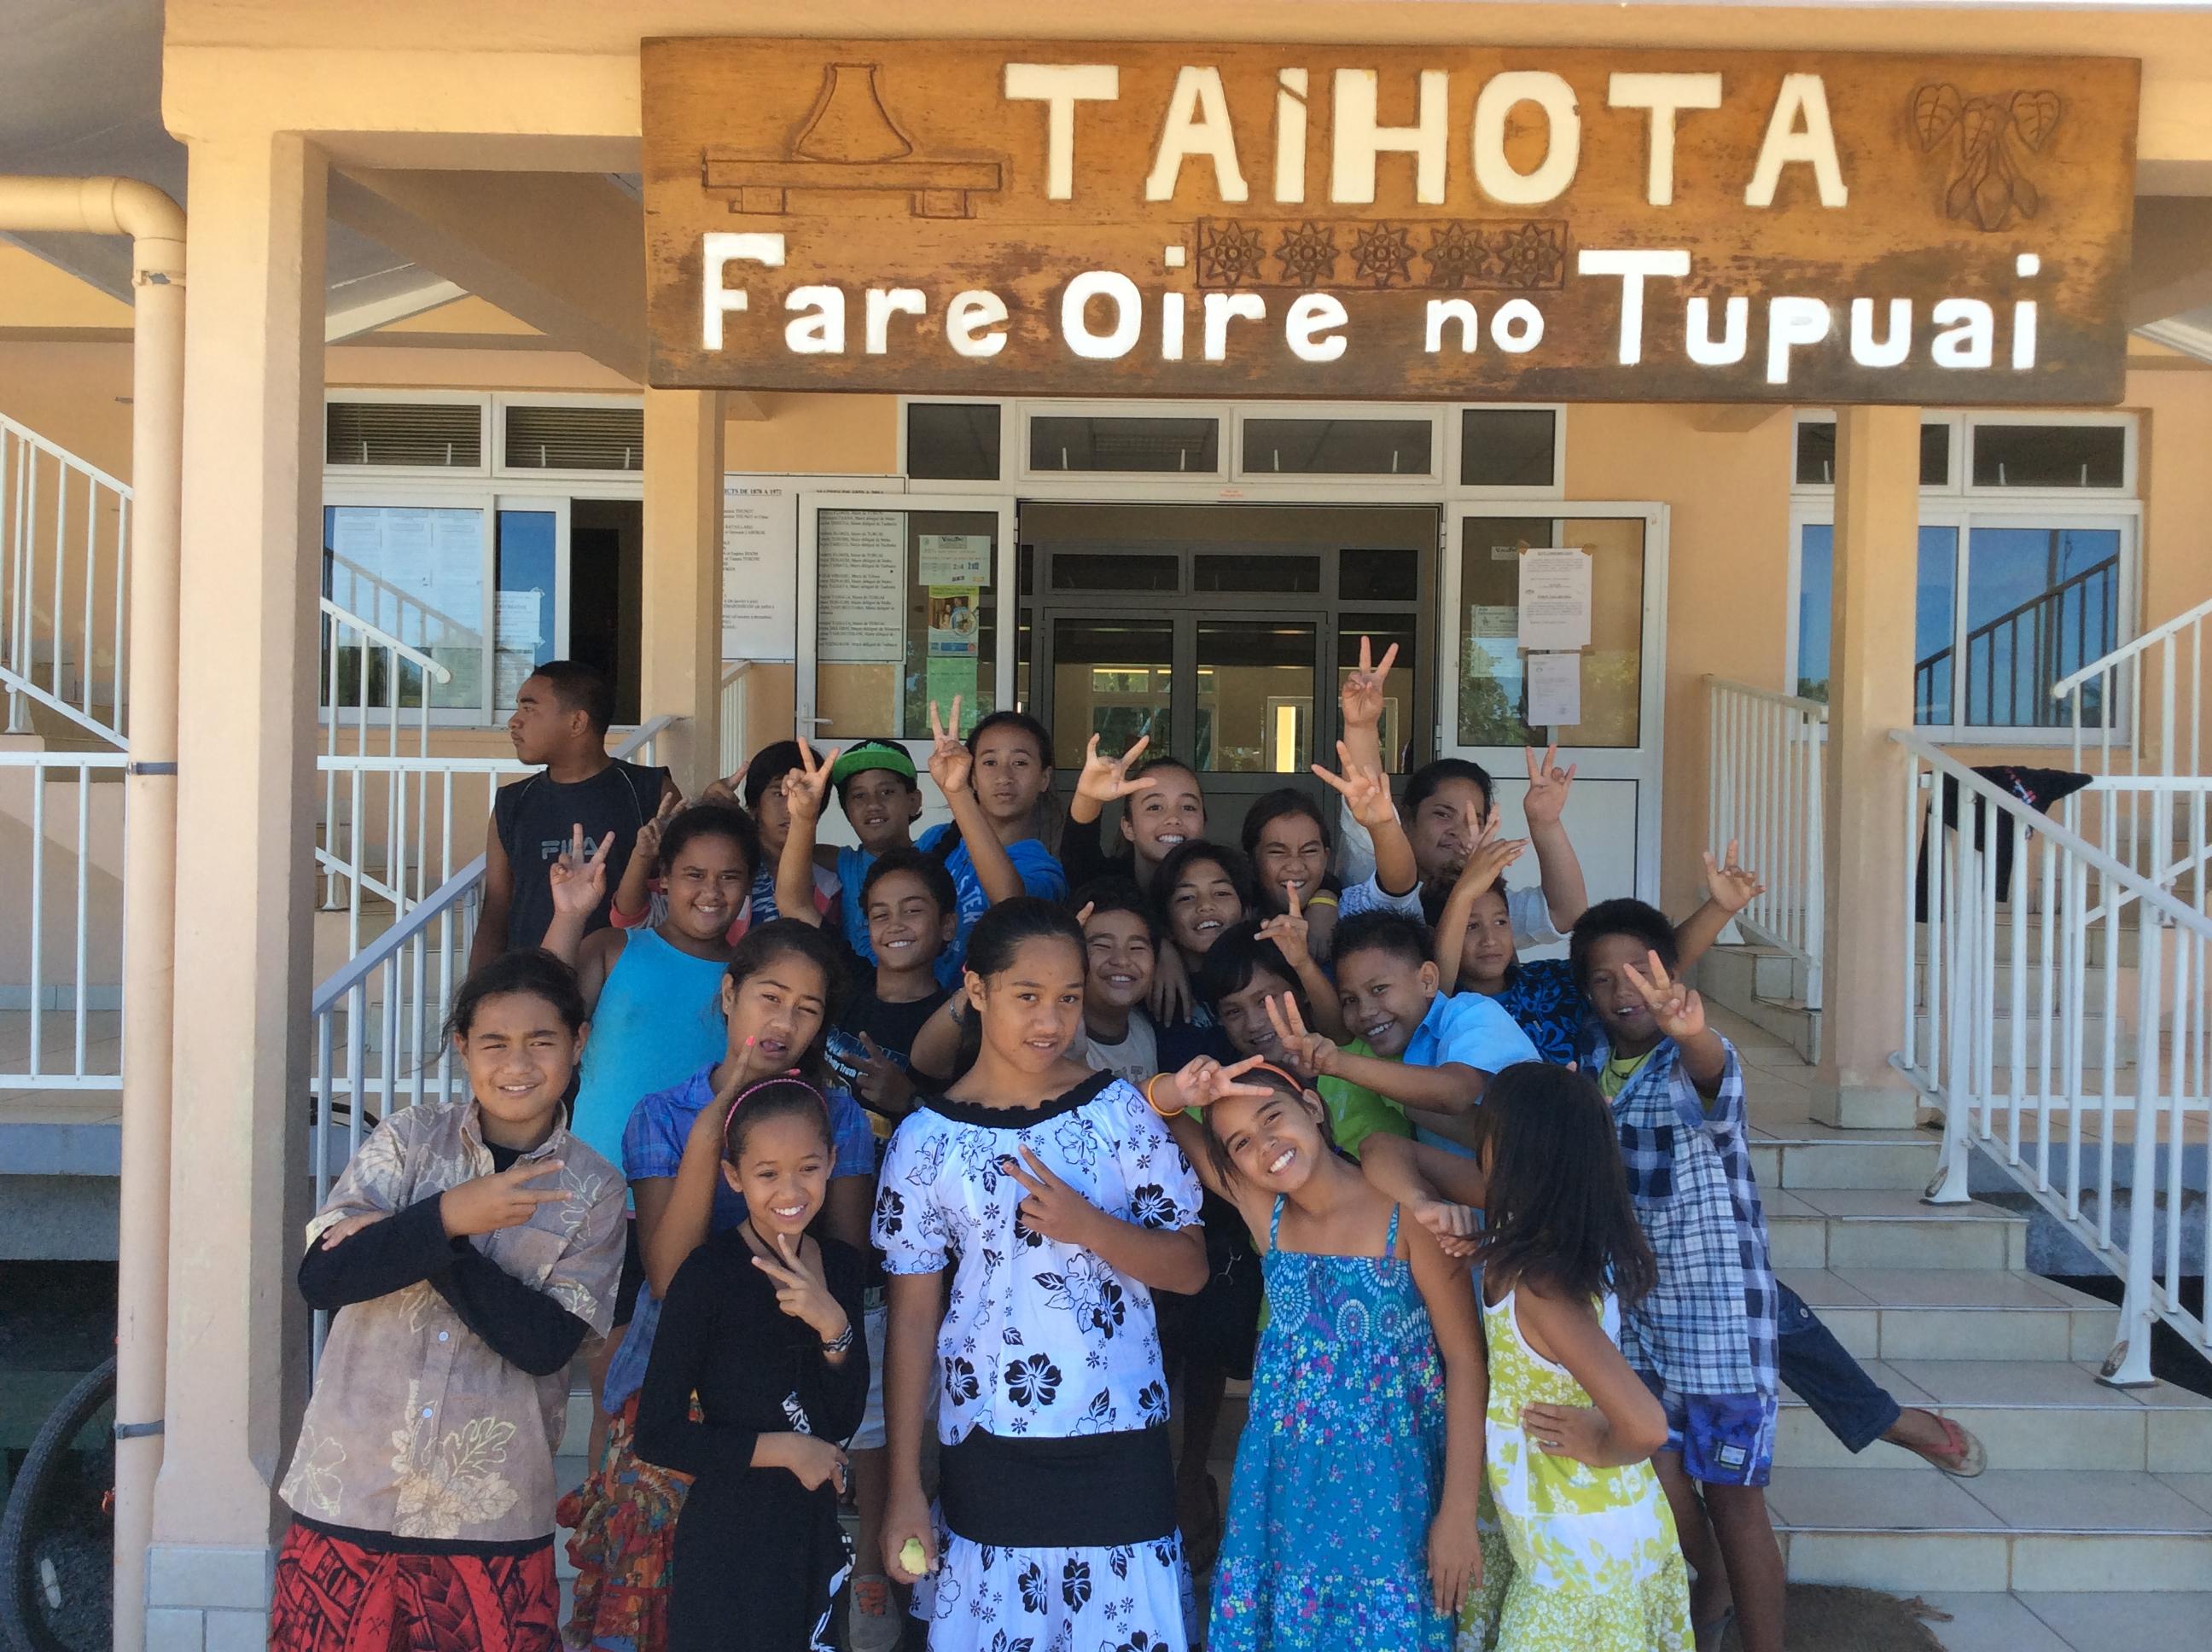 Les élus de Tubuai adoptent une charte pour l'océan rédigée par les enfants